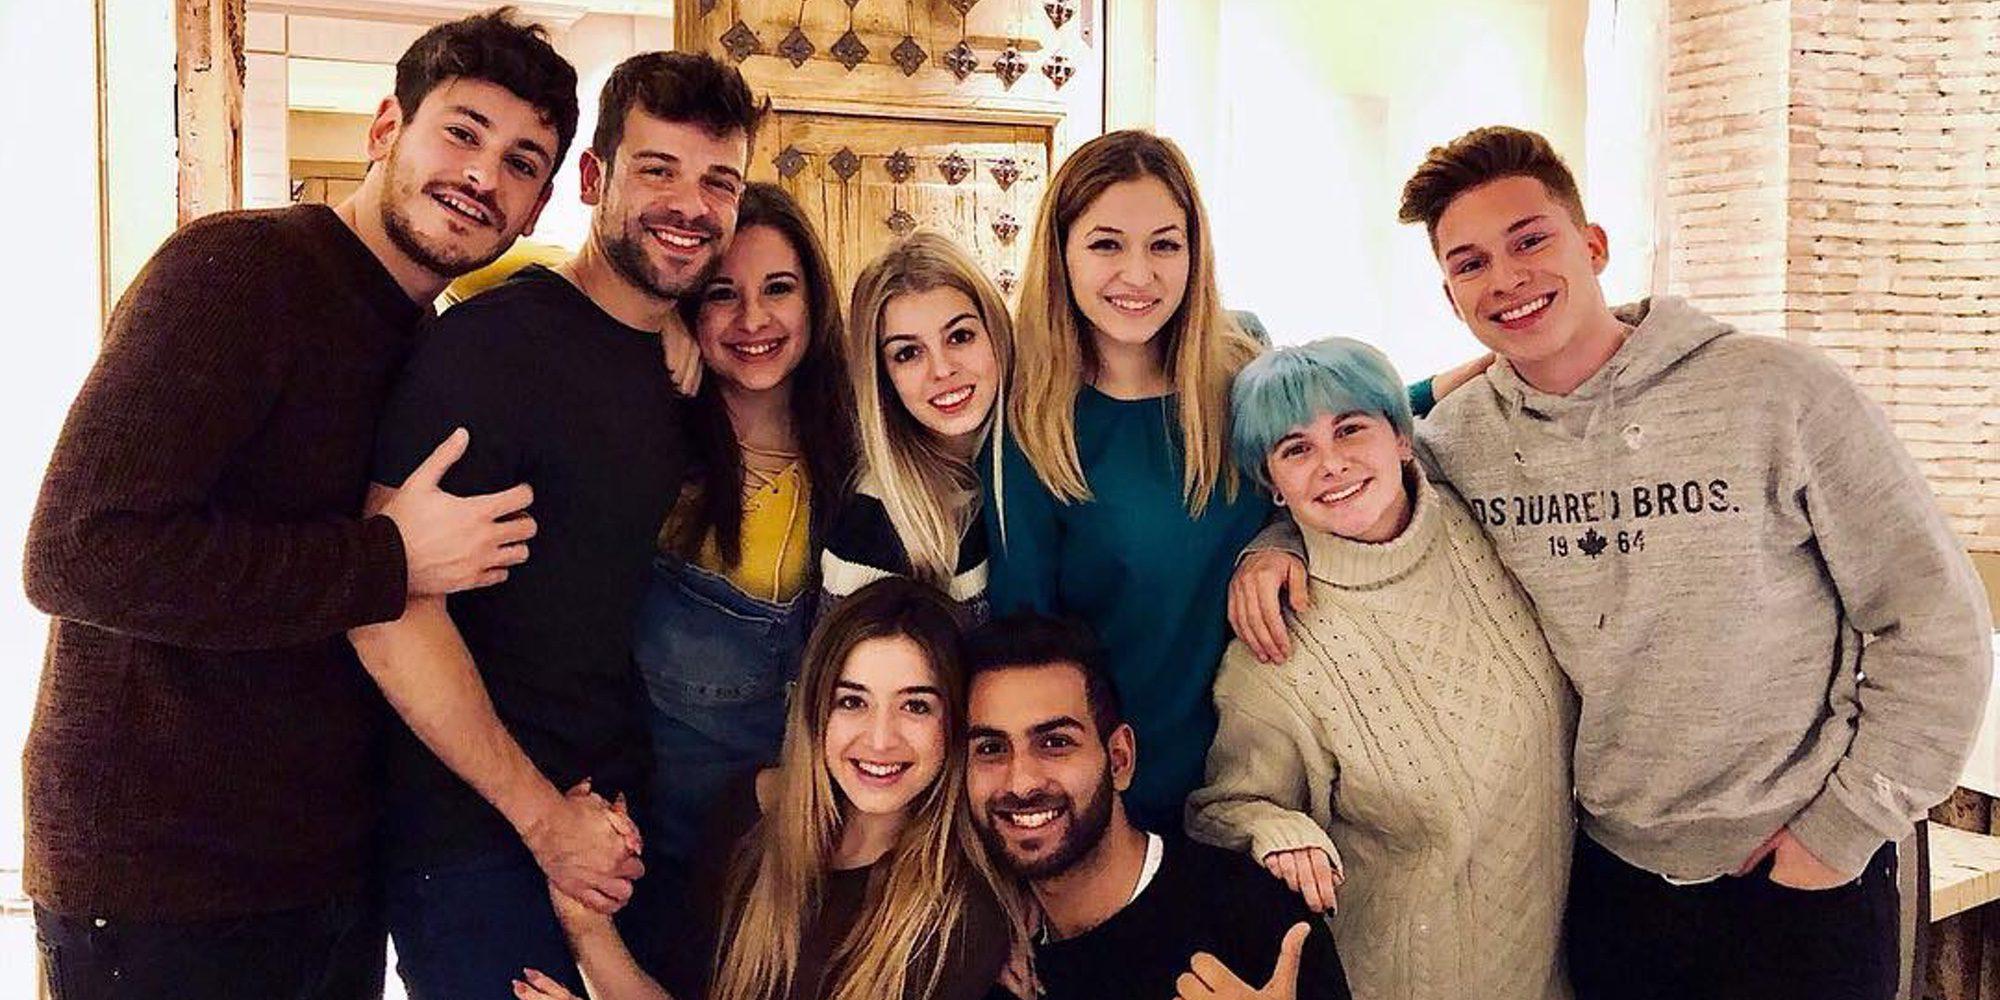 Los exconcursantes de 'OT 2017' y Noemí Galera protagonizan un divertido y virtual reencuentro